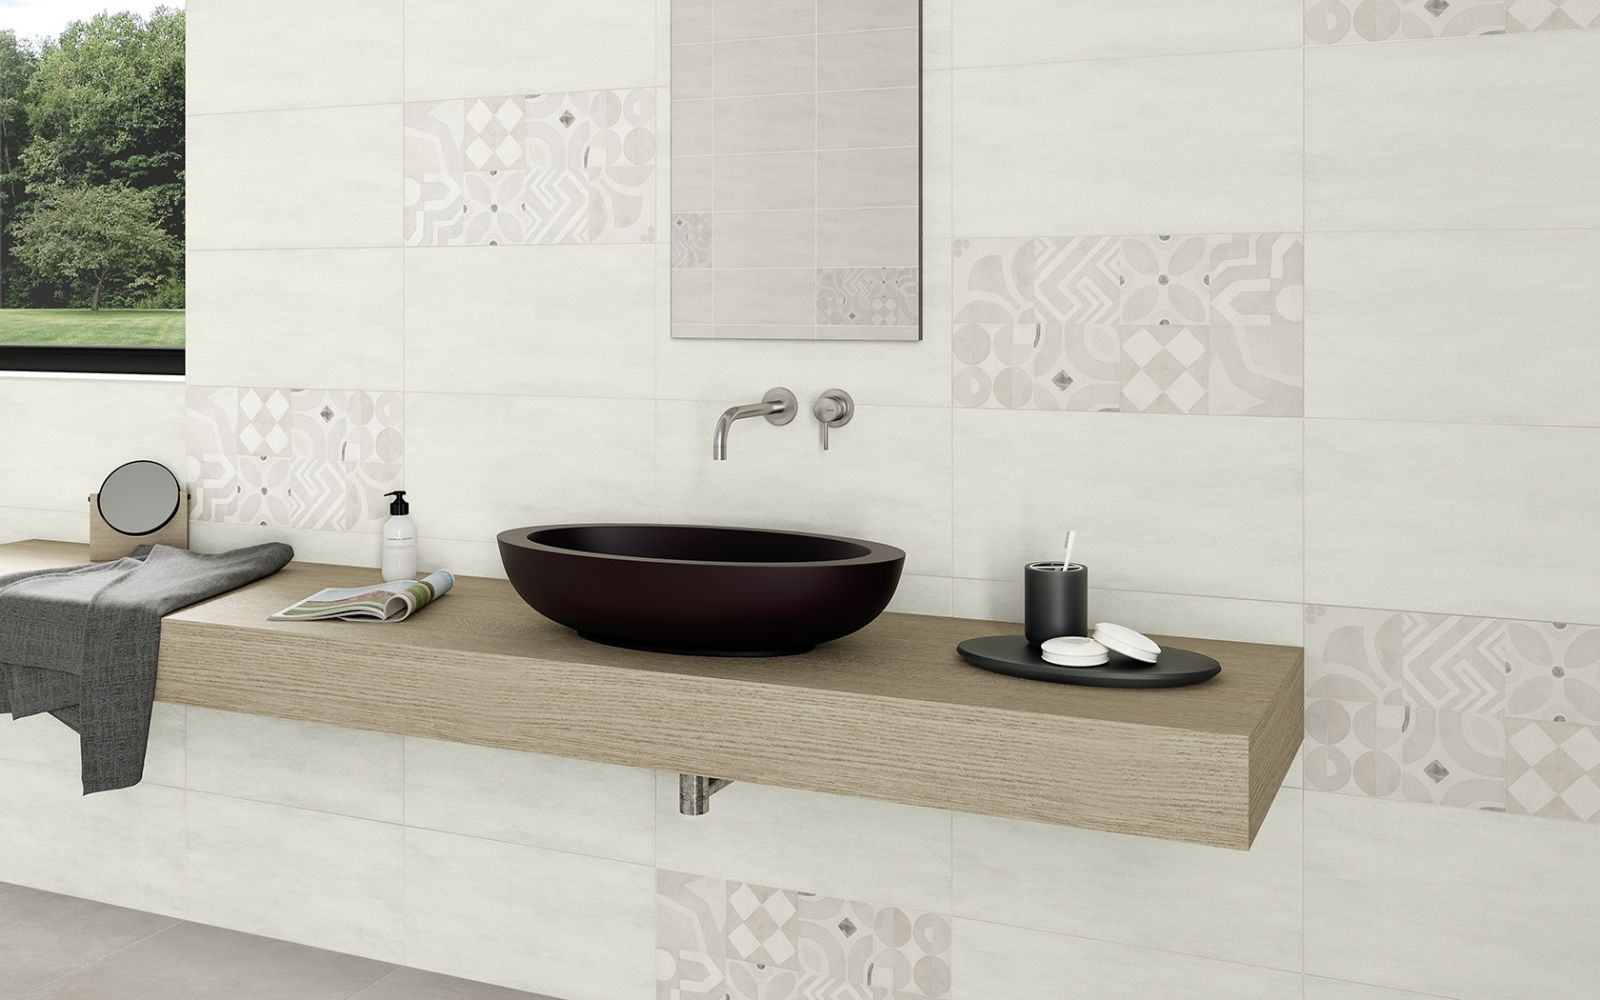 Lilu Dekorfliesen Badezimmer Design Und Fliesen